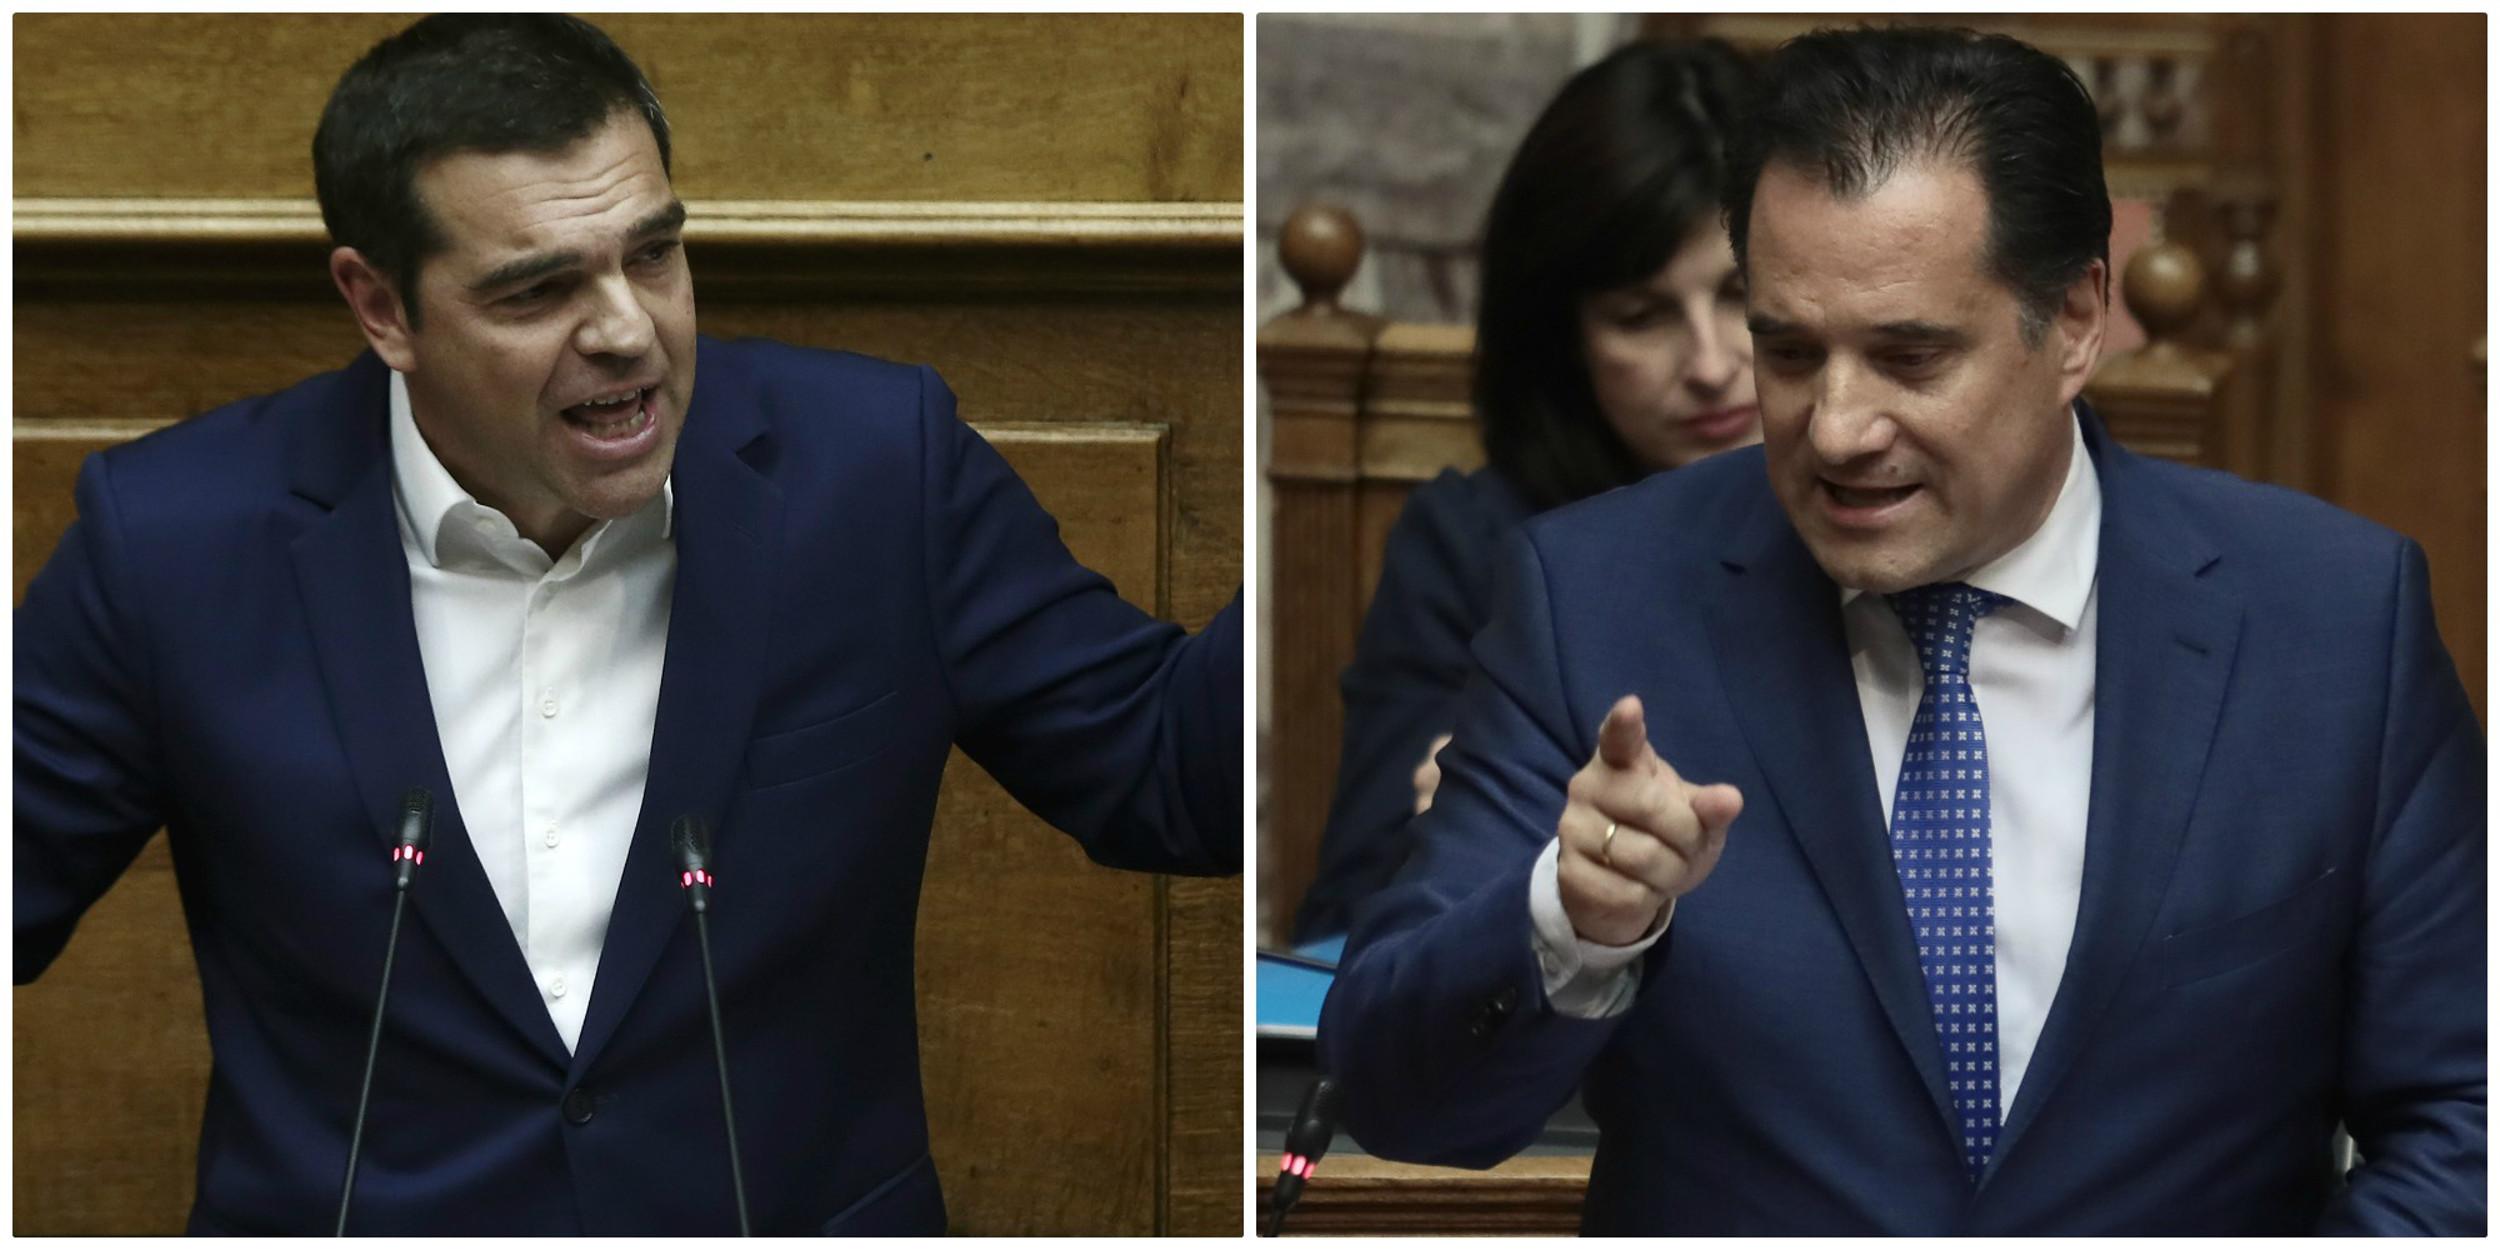 """Άγρια κόντρα Τσίπρα - Γεωργιάδη στην Βουλή - """"Είσαι ο Τζόκερ της πολιτικής"""" - """"Έδωσες παράσταση κι έφυγες"""""""